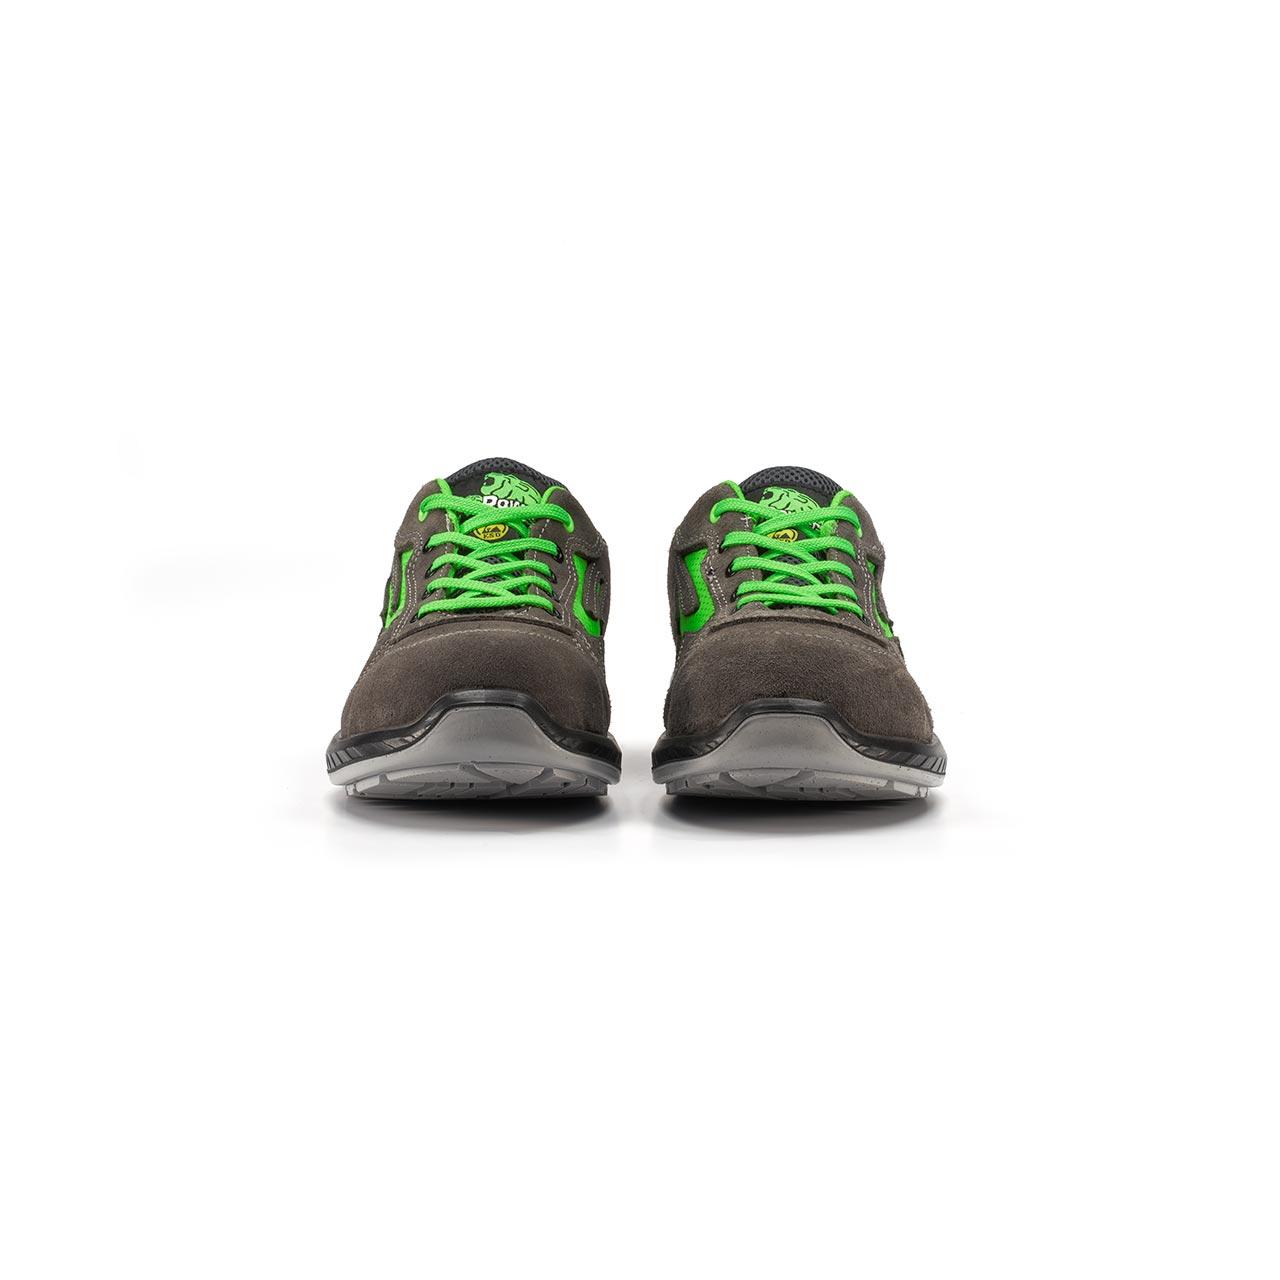 paio di scarpe antinfortunistiche upower modello denver linea redindustry vista frontale